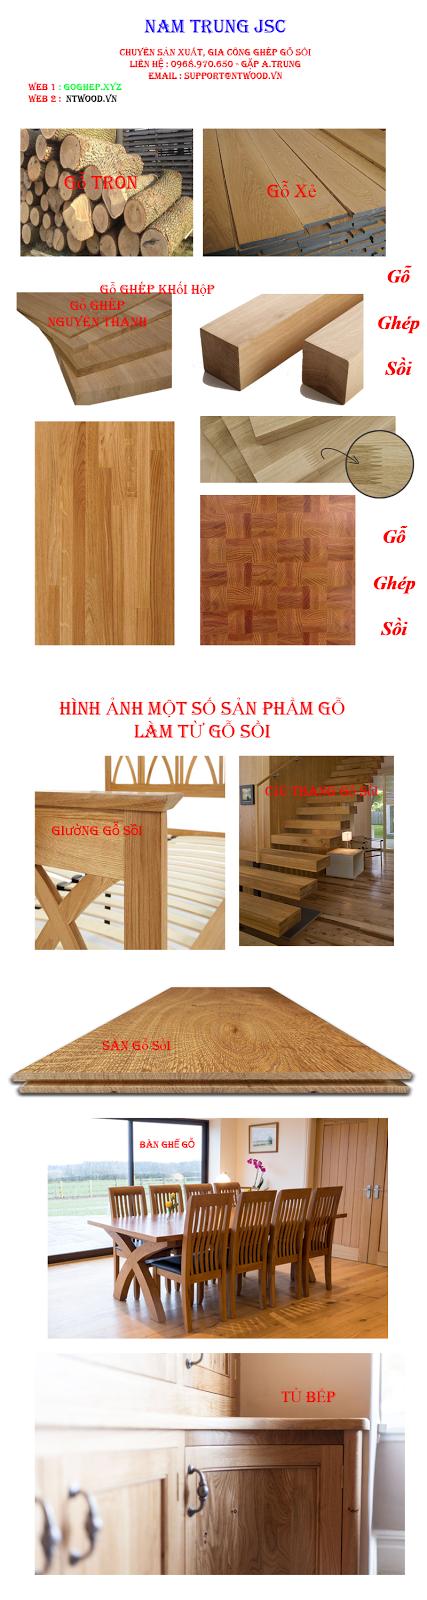 hình ảnh minh họa gỗ ghép sồi